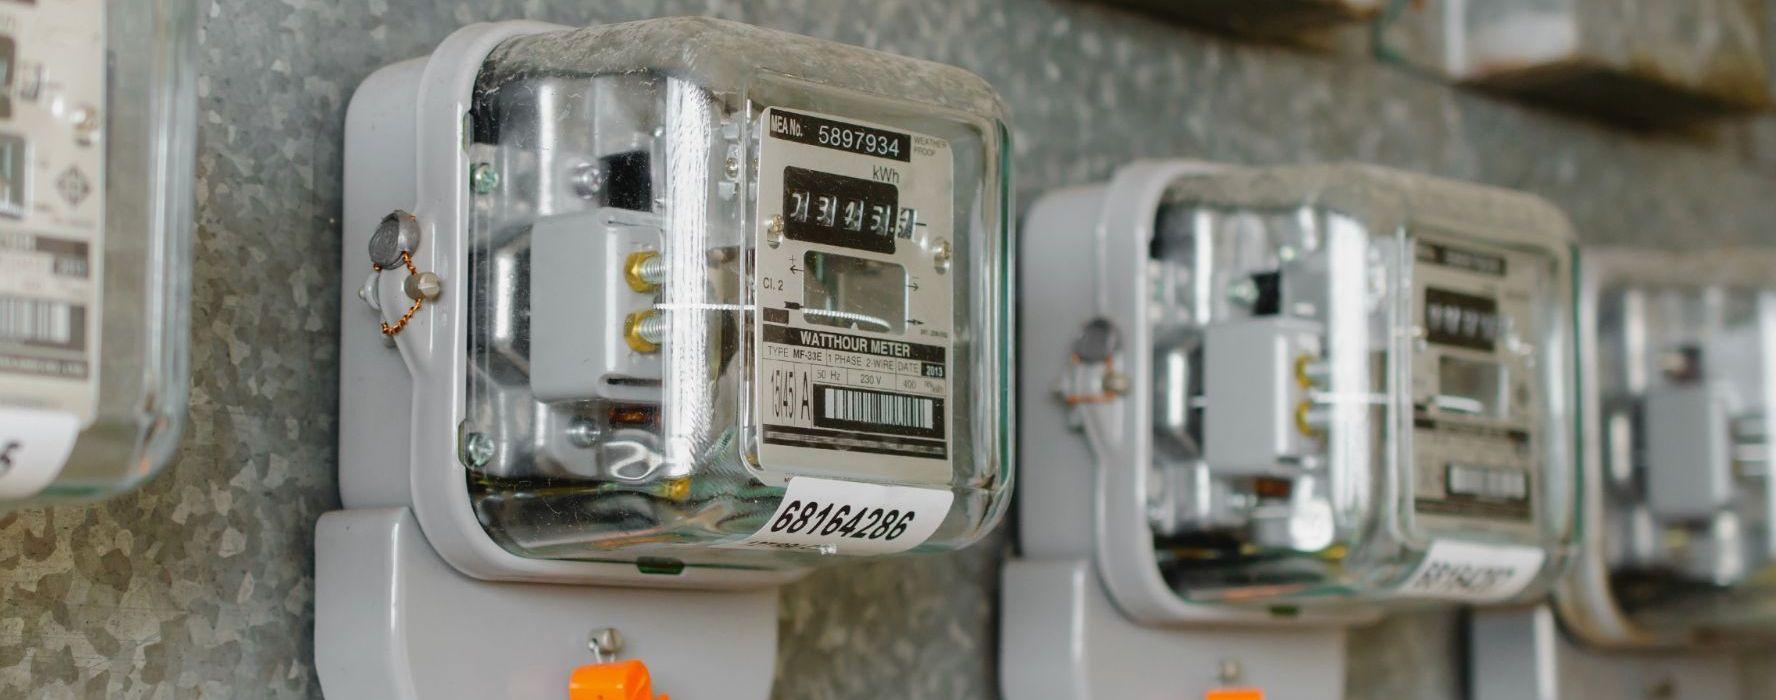 合理嗎?獨立電表、一度5元 夏天吹冷氣帳單竟暴增2倍